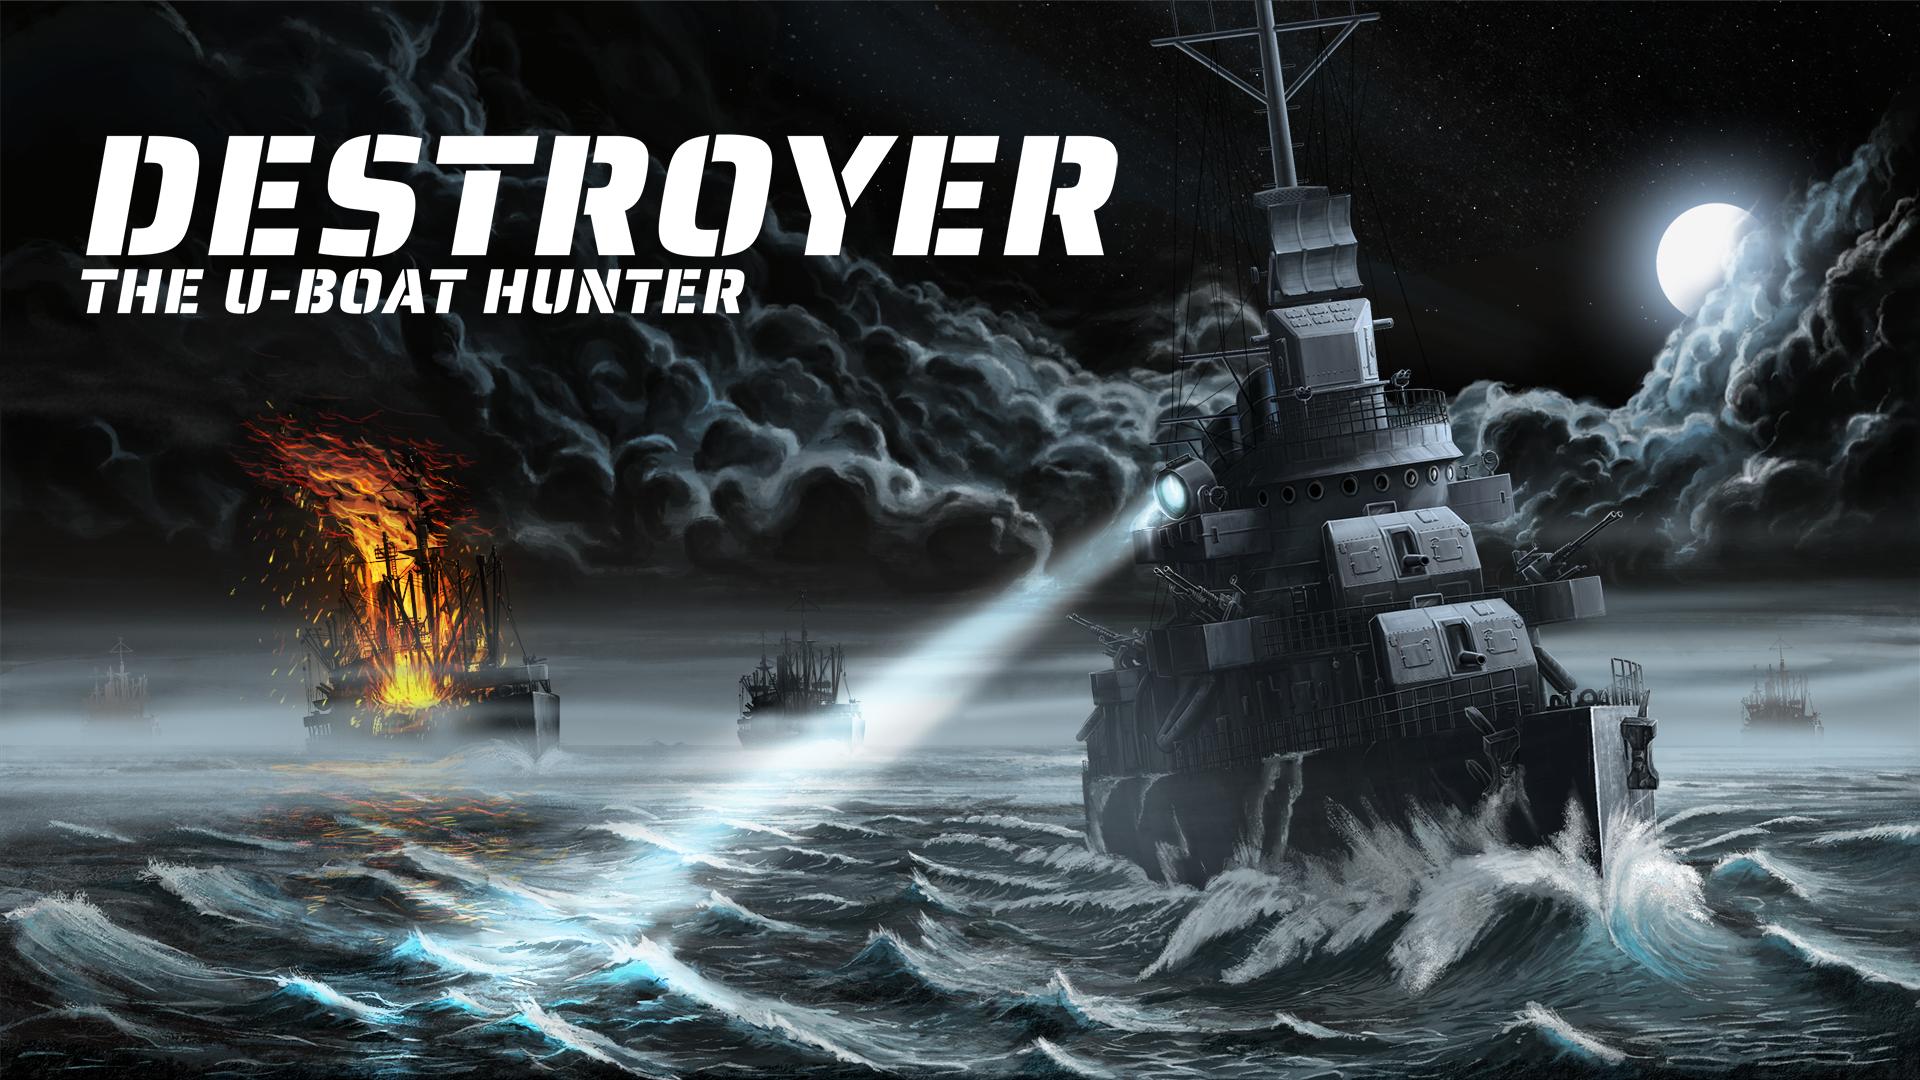 Destroyer the uboat hunter